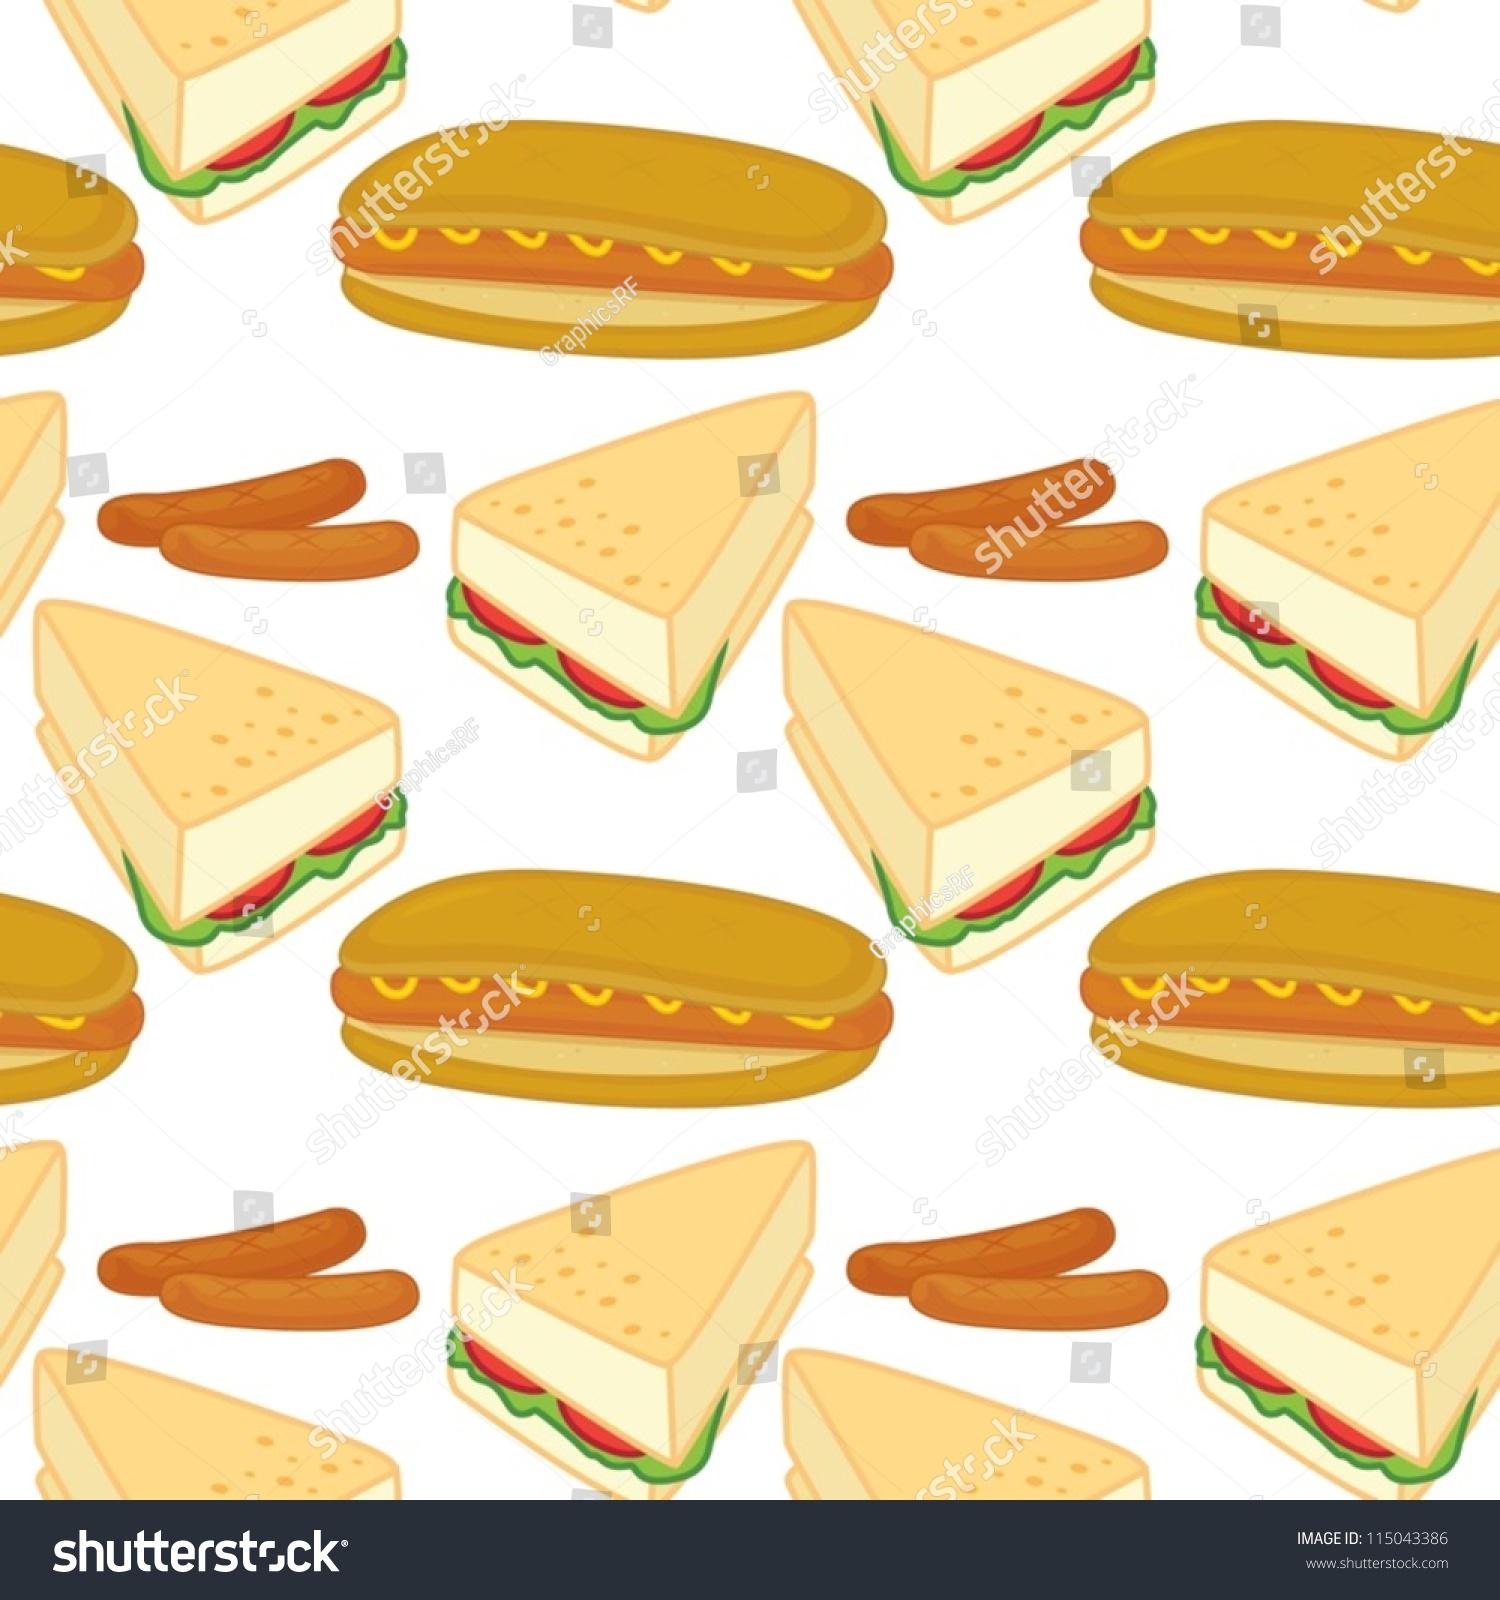 白色背景上的三明治-食品及饮料-海洛创意(hellorf)